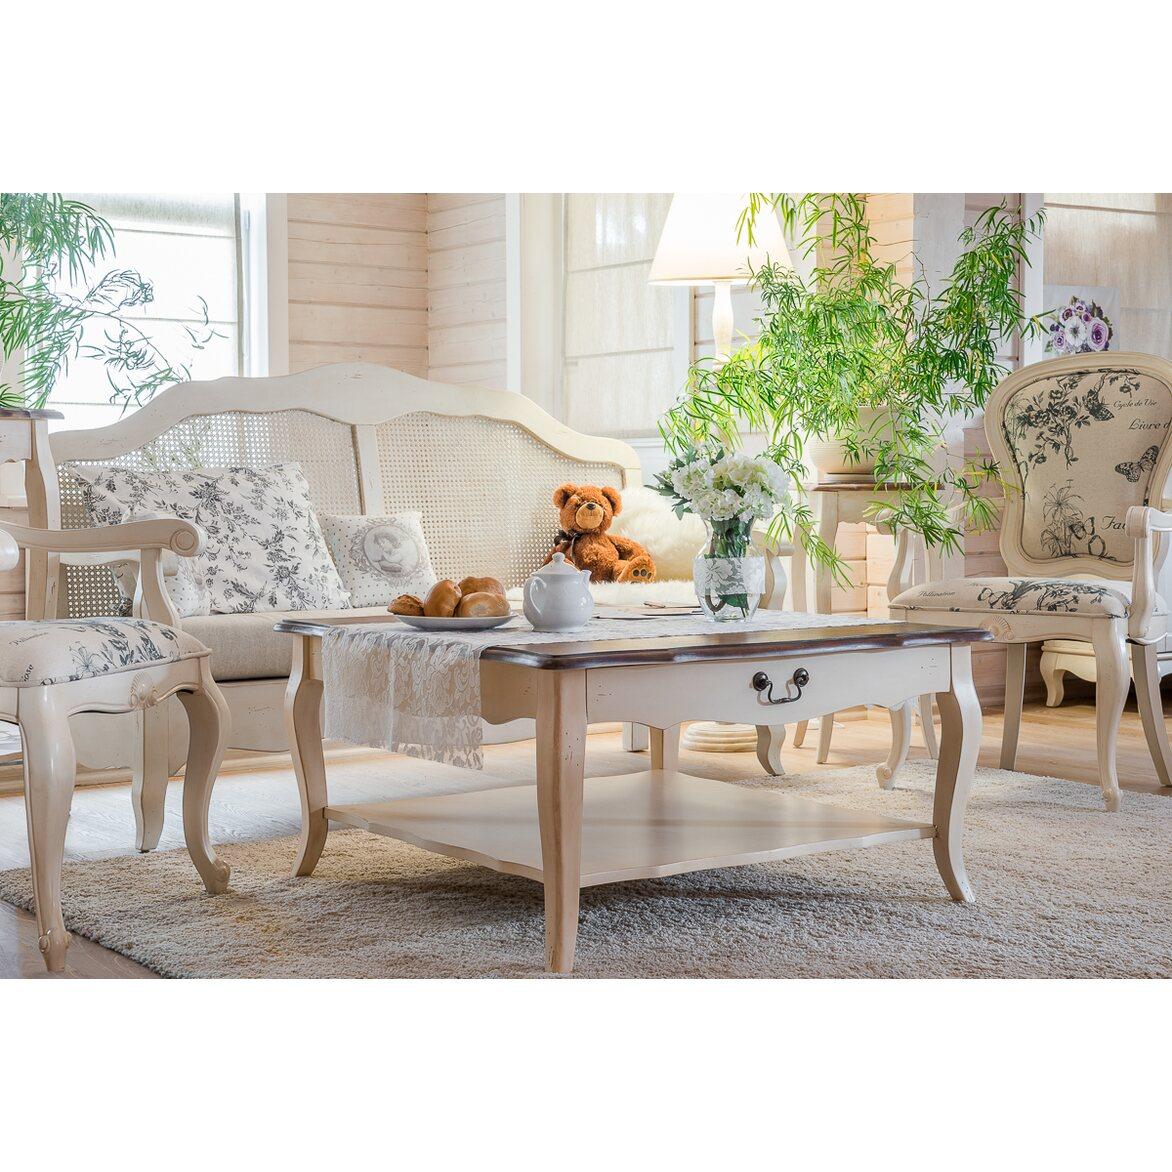 Полукресло с твердыми подлокотниками обивка с цветами Leontina, бежевого цвета 3   Кресло-стул Kingsby